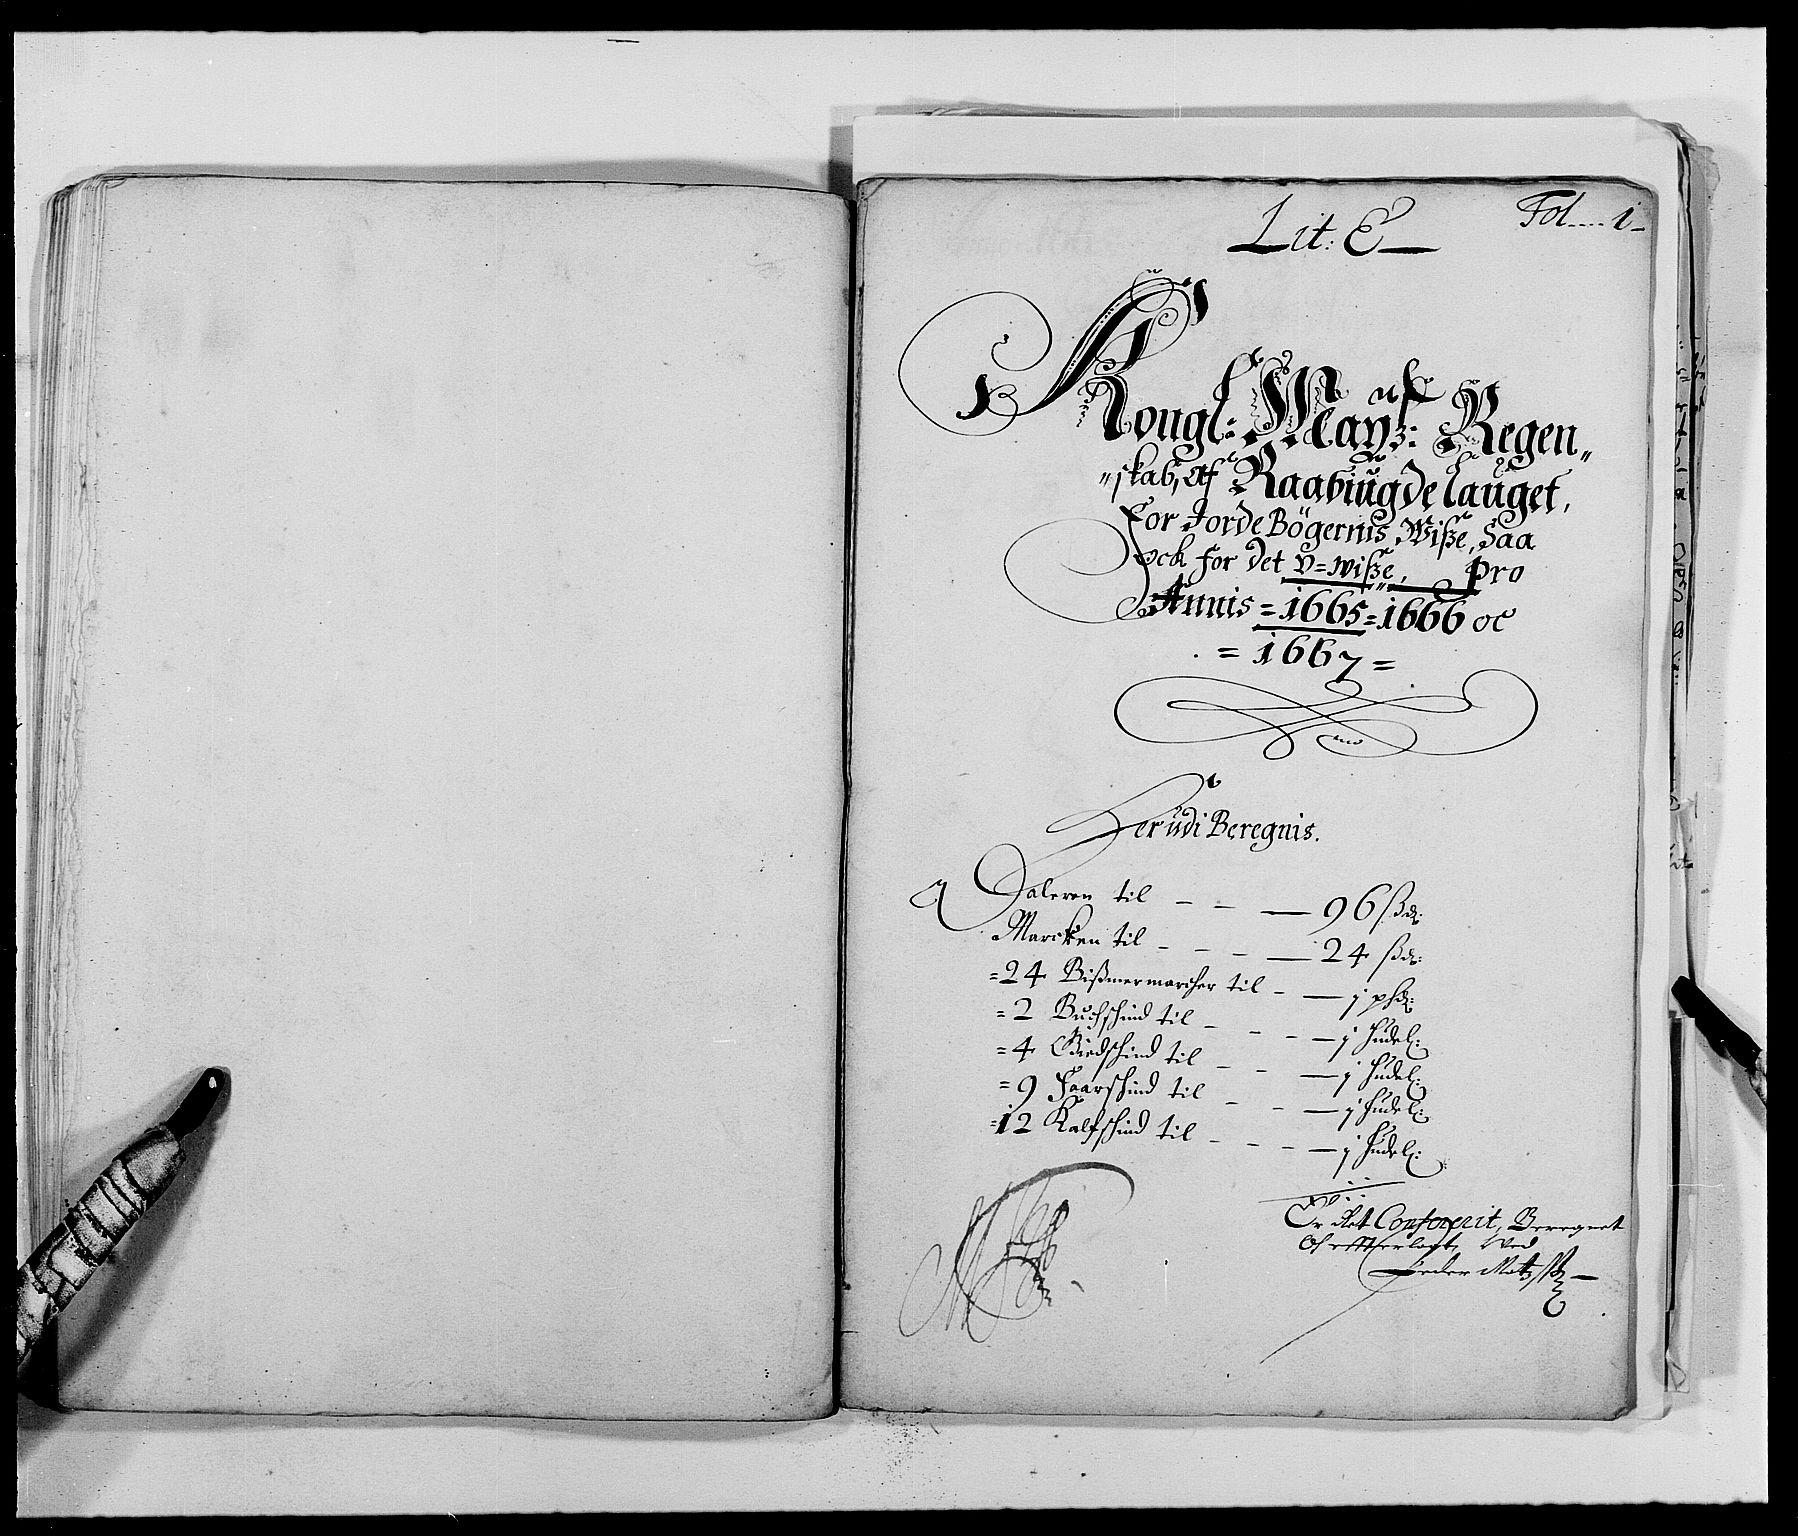 RA, Rentekammeret inntil 1814, Reviderte regnskaper, Fogderegnskap, R40/L2431: Fogderegnskap Råbyggelag, 1664-1668, s. 100